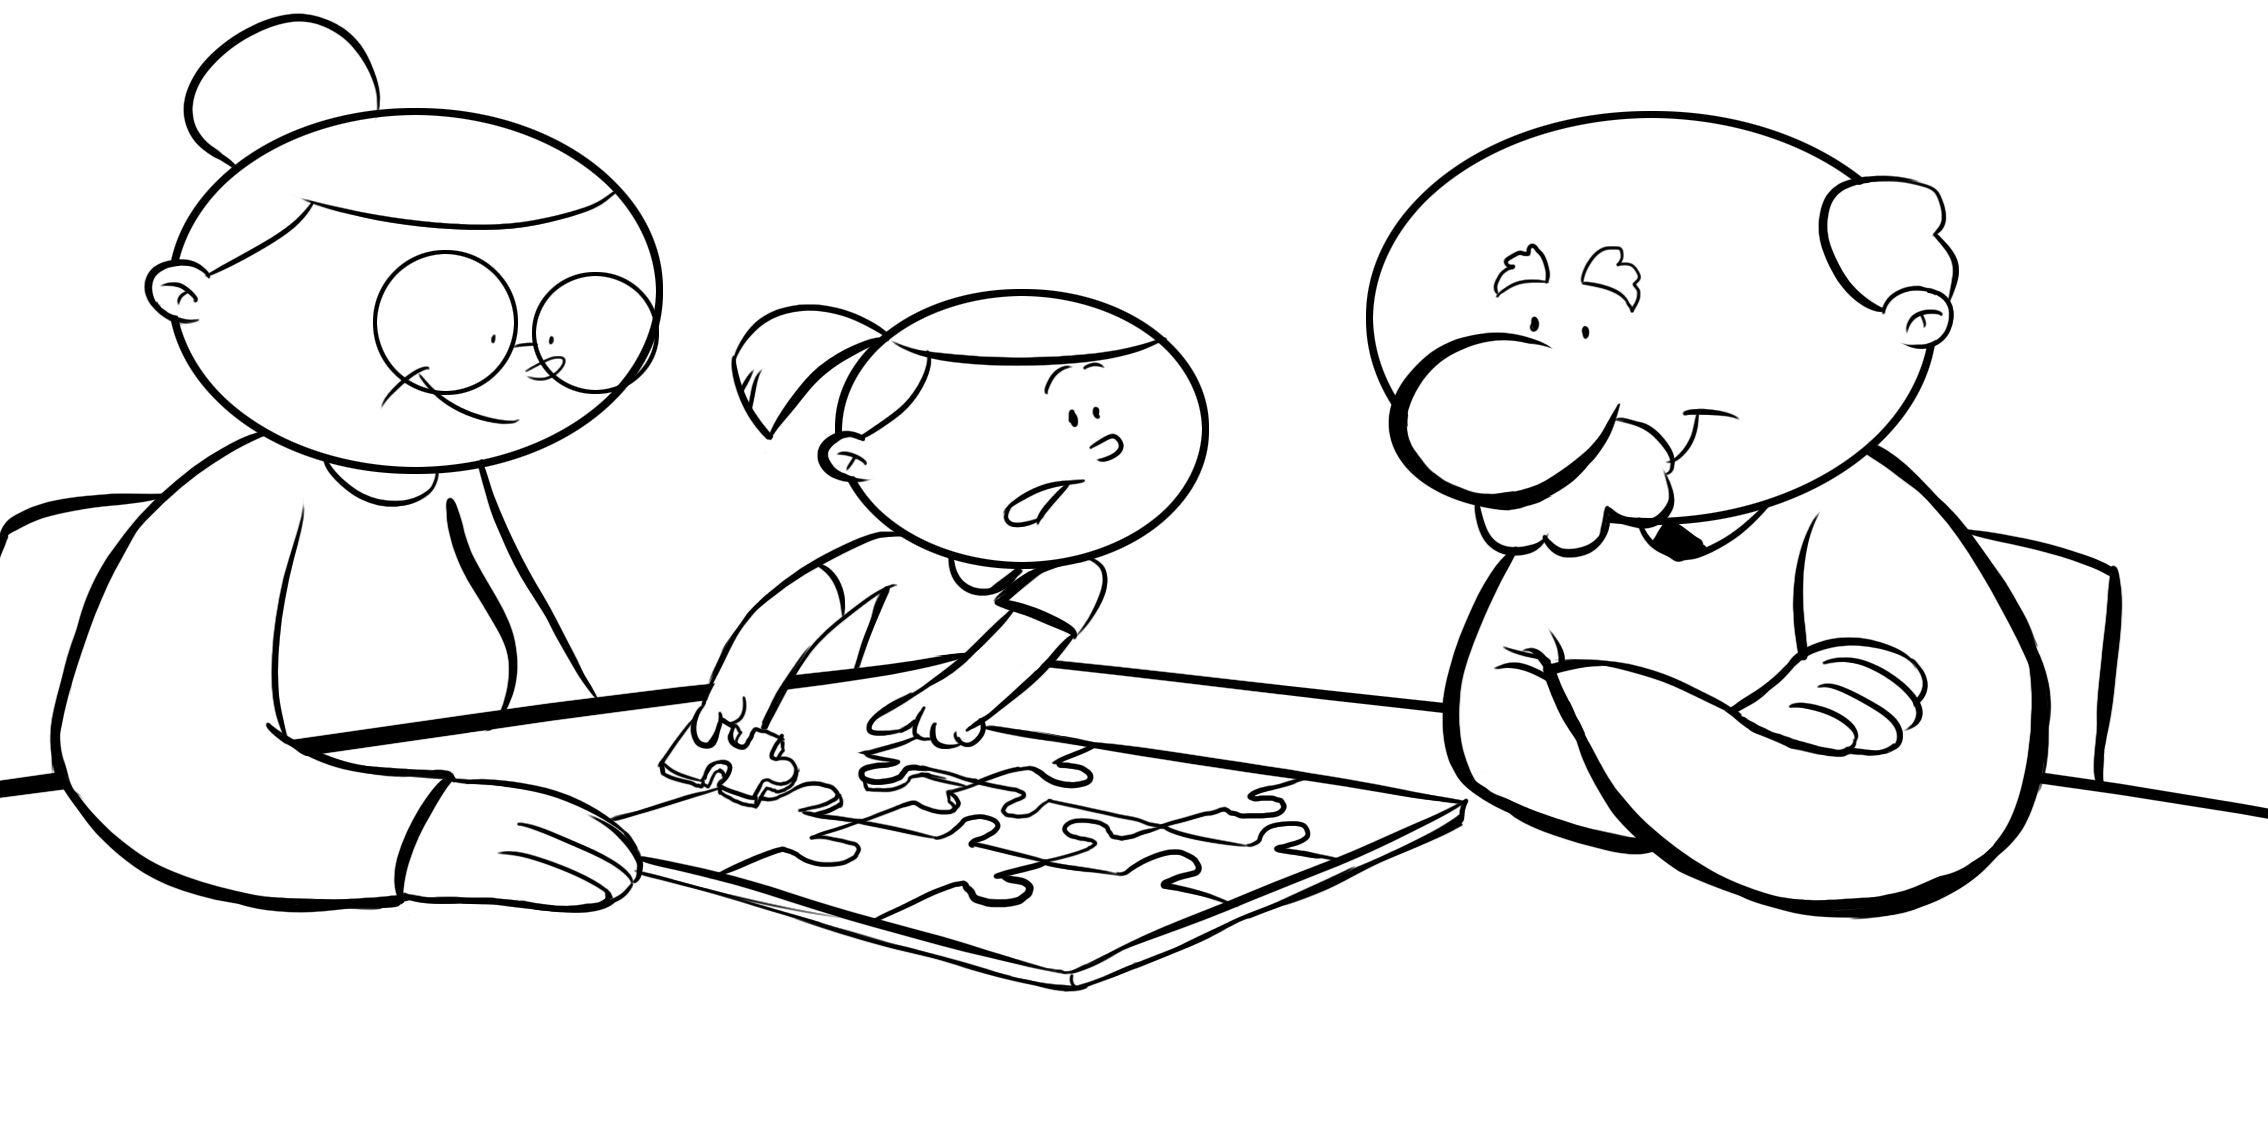 Dibujos Con Ninos Colorear Abuelos Haciendo Un Puzzle Con